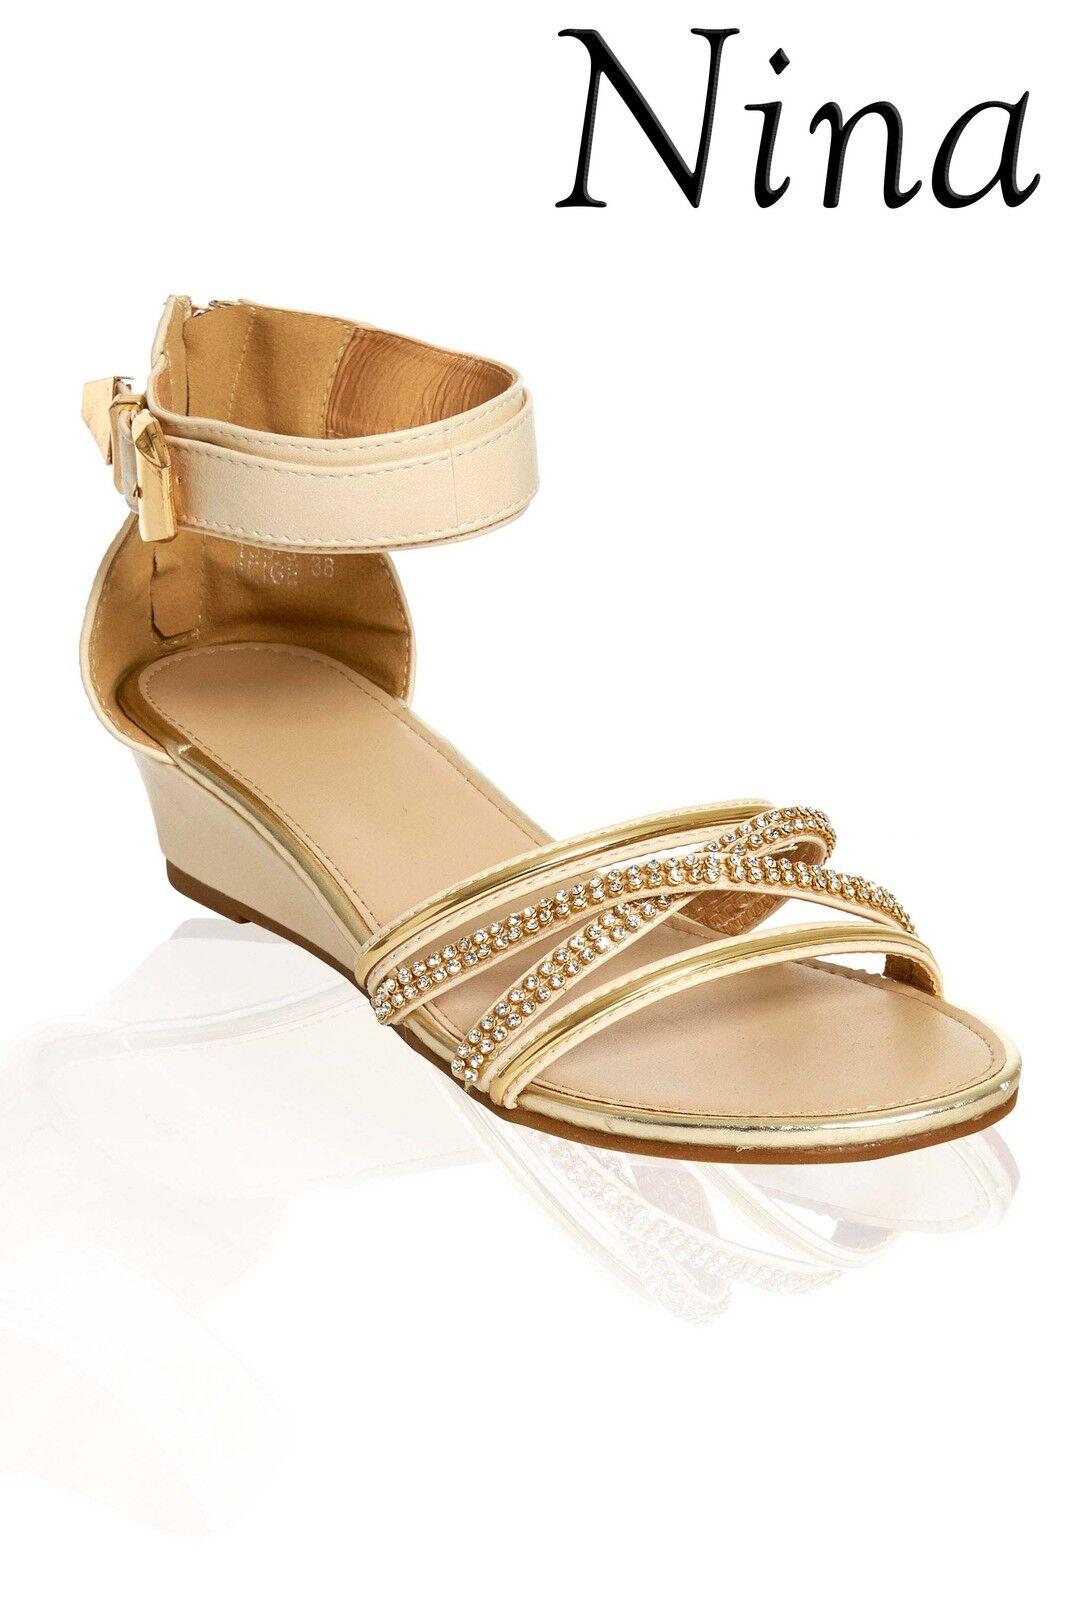 /Ladies sandals / Womens low heel sandals /Ladies shoes Zip Sandal Beige with Diamante trim a1cbc0